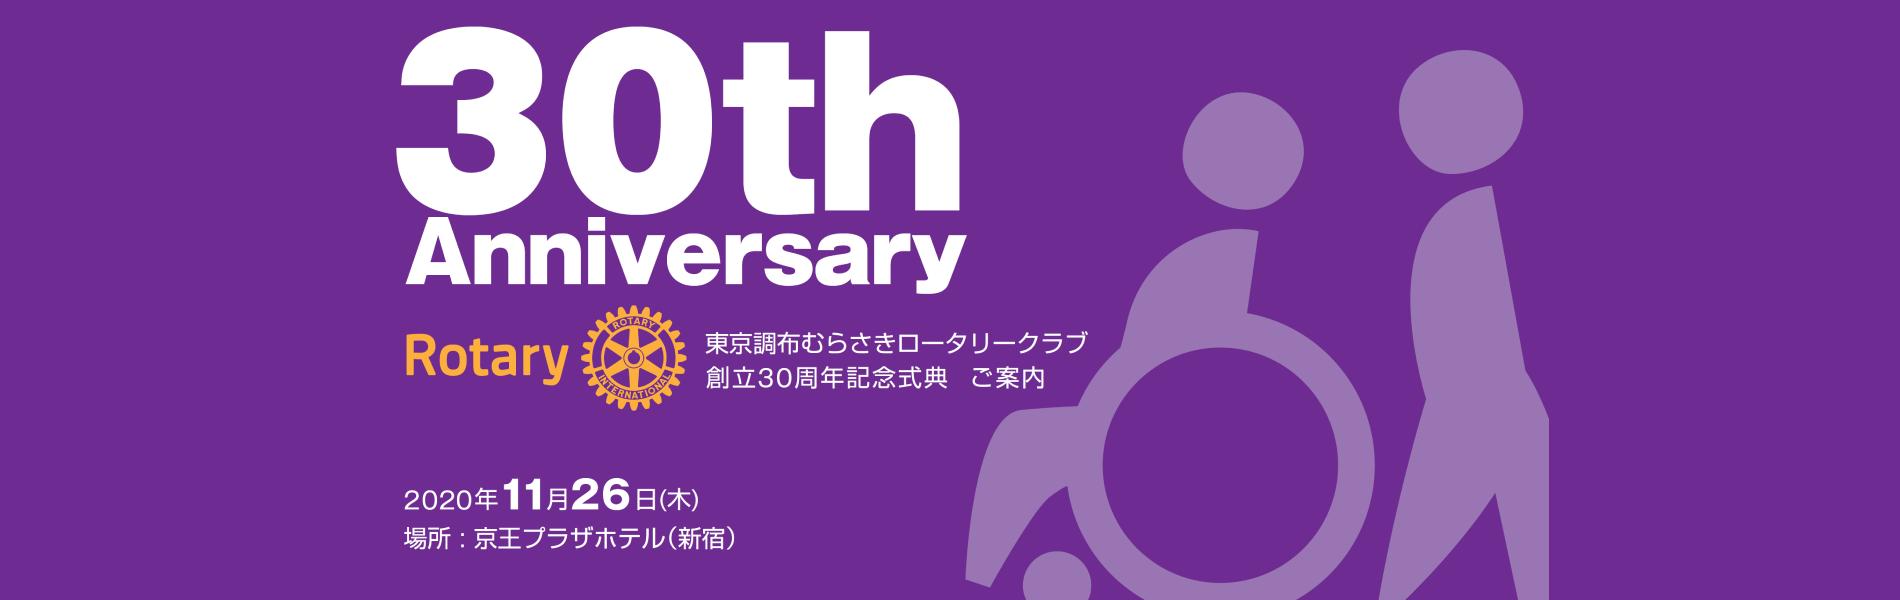 30周年記念式典のご案内